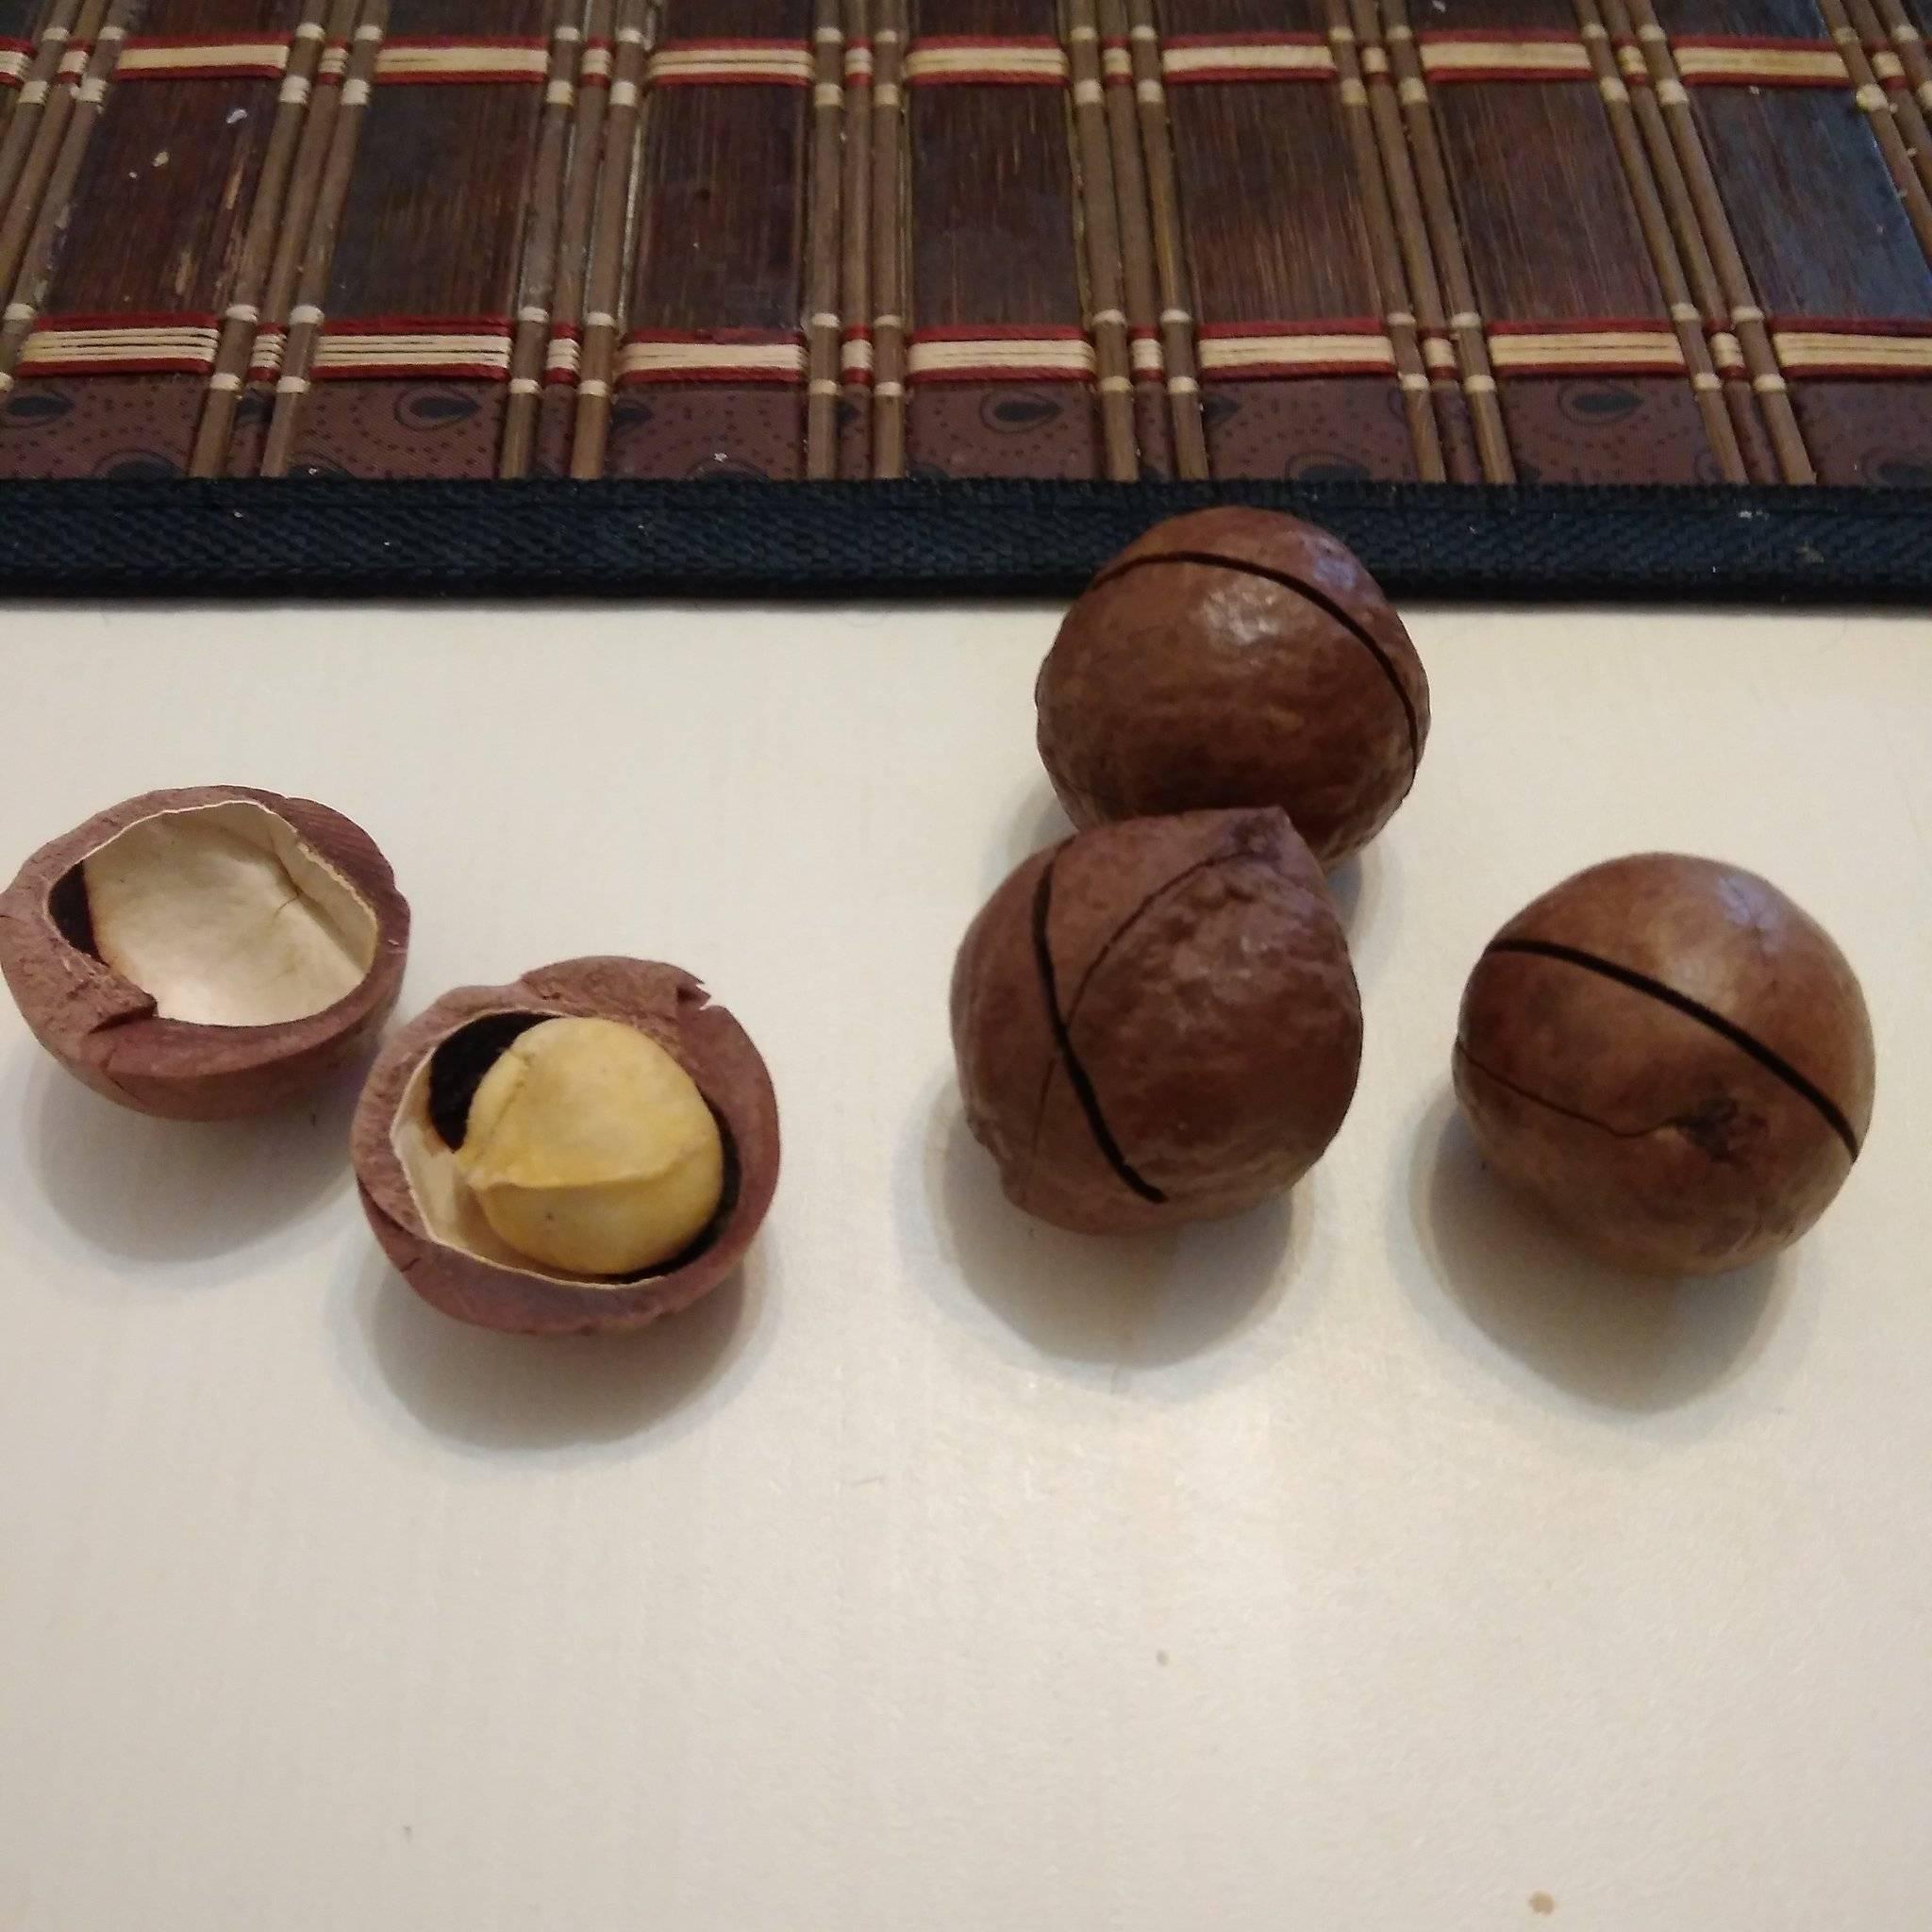 Макадамия —орех со вкусом шоколада и запахом ванили. полезные свойства